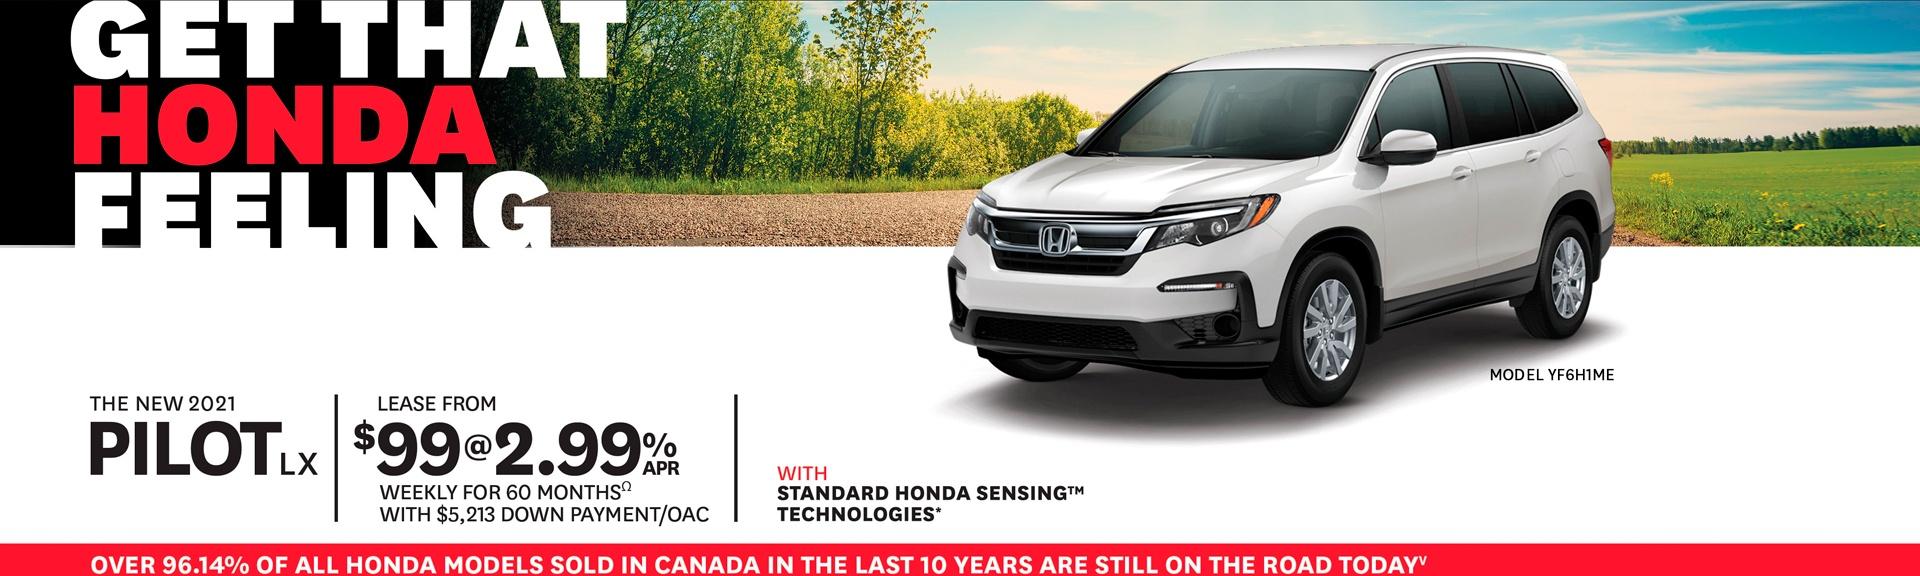 2021-Honda-Pilot-LX